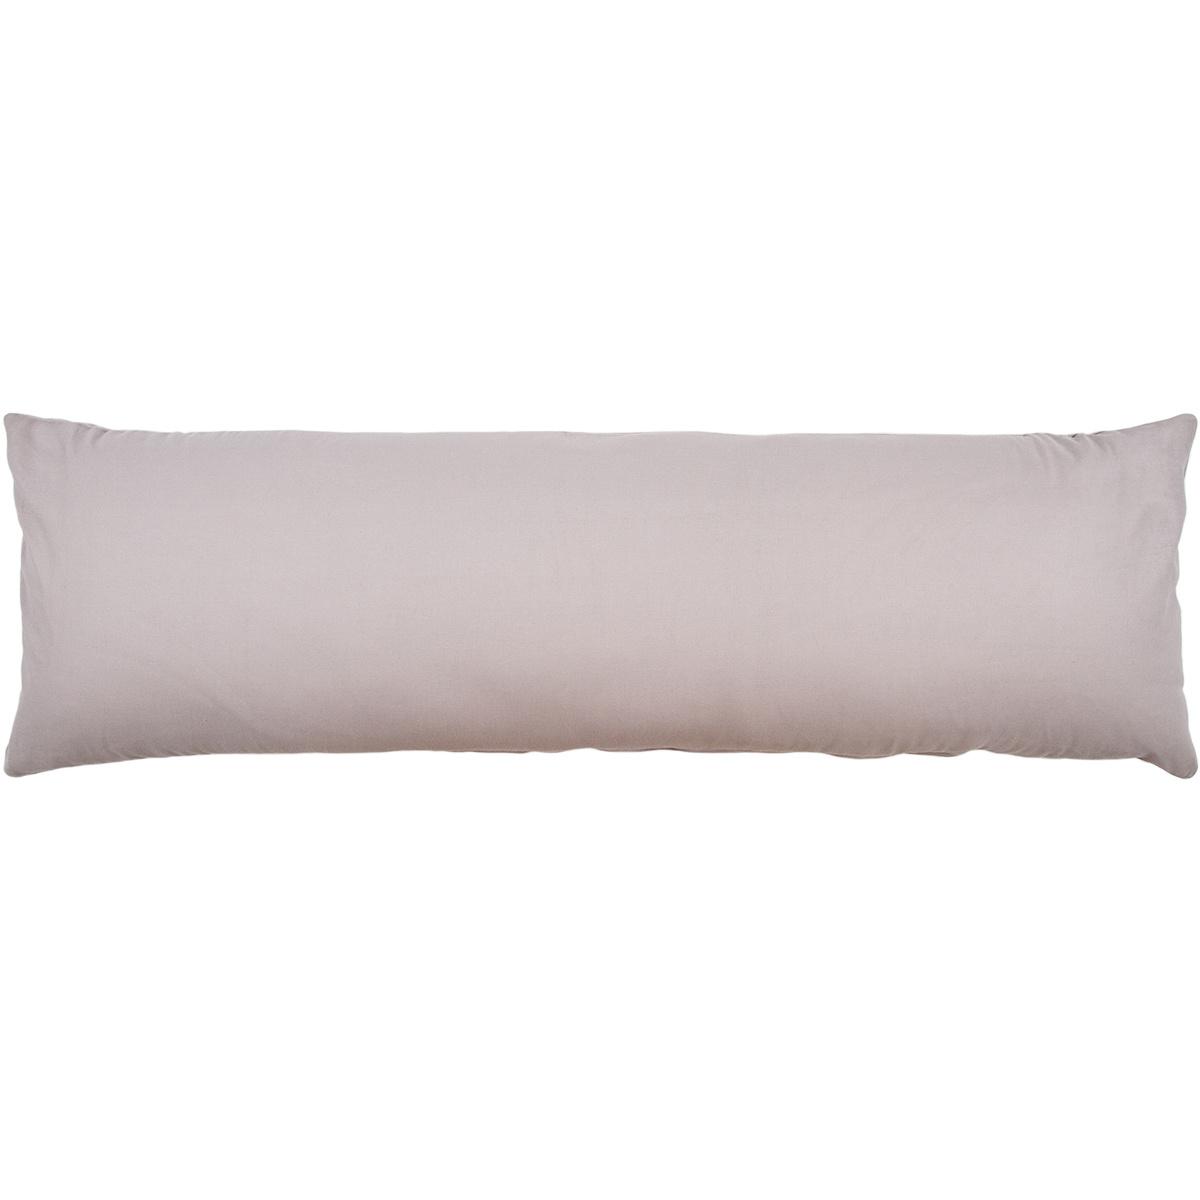 Trade Concept Povlak na Relaxační polštář Náhradní manžel UNI šedá, 40 x 120 cm